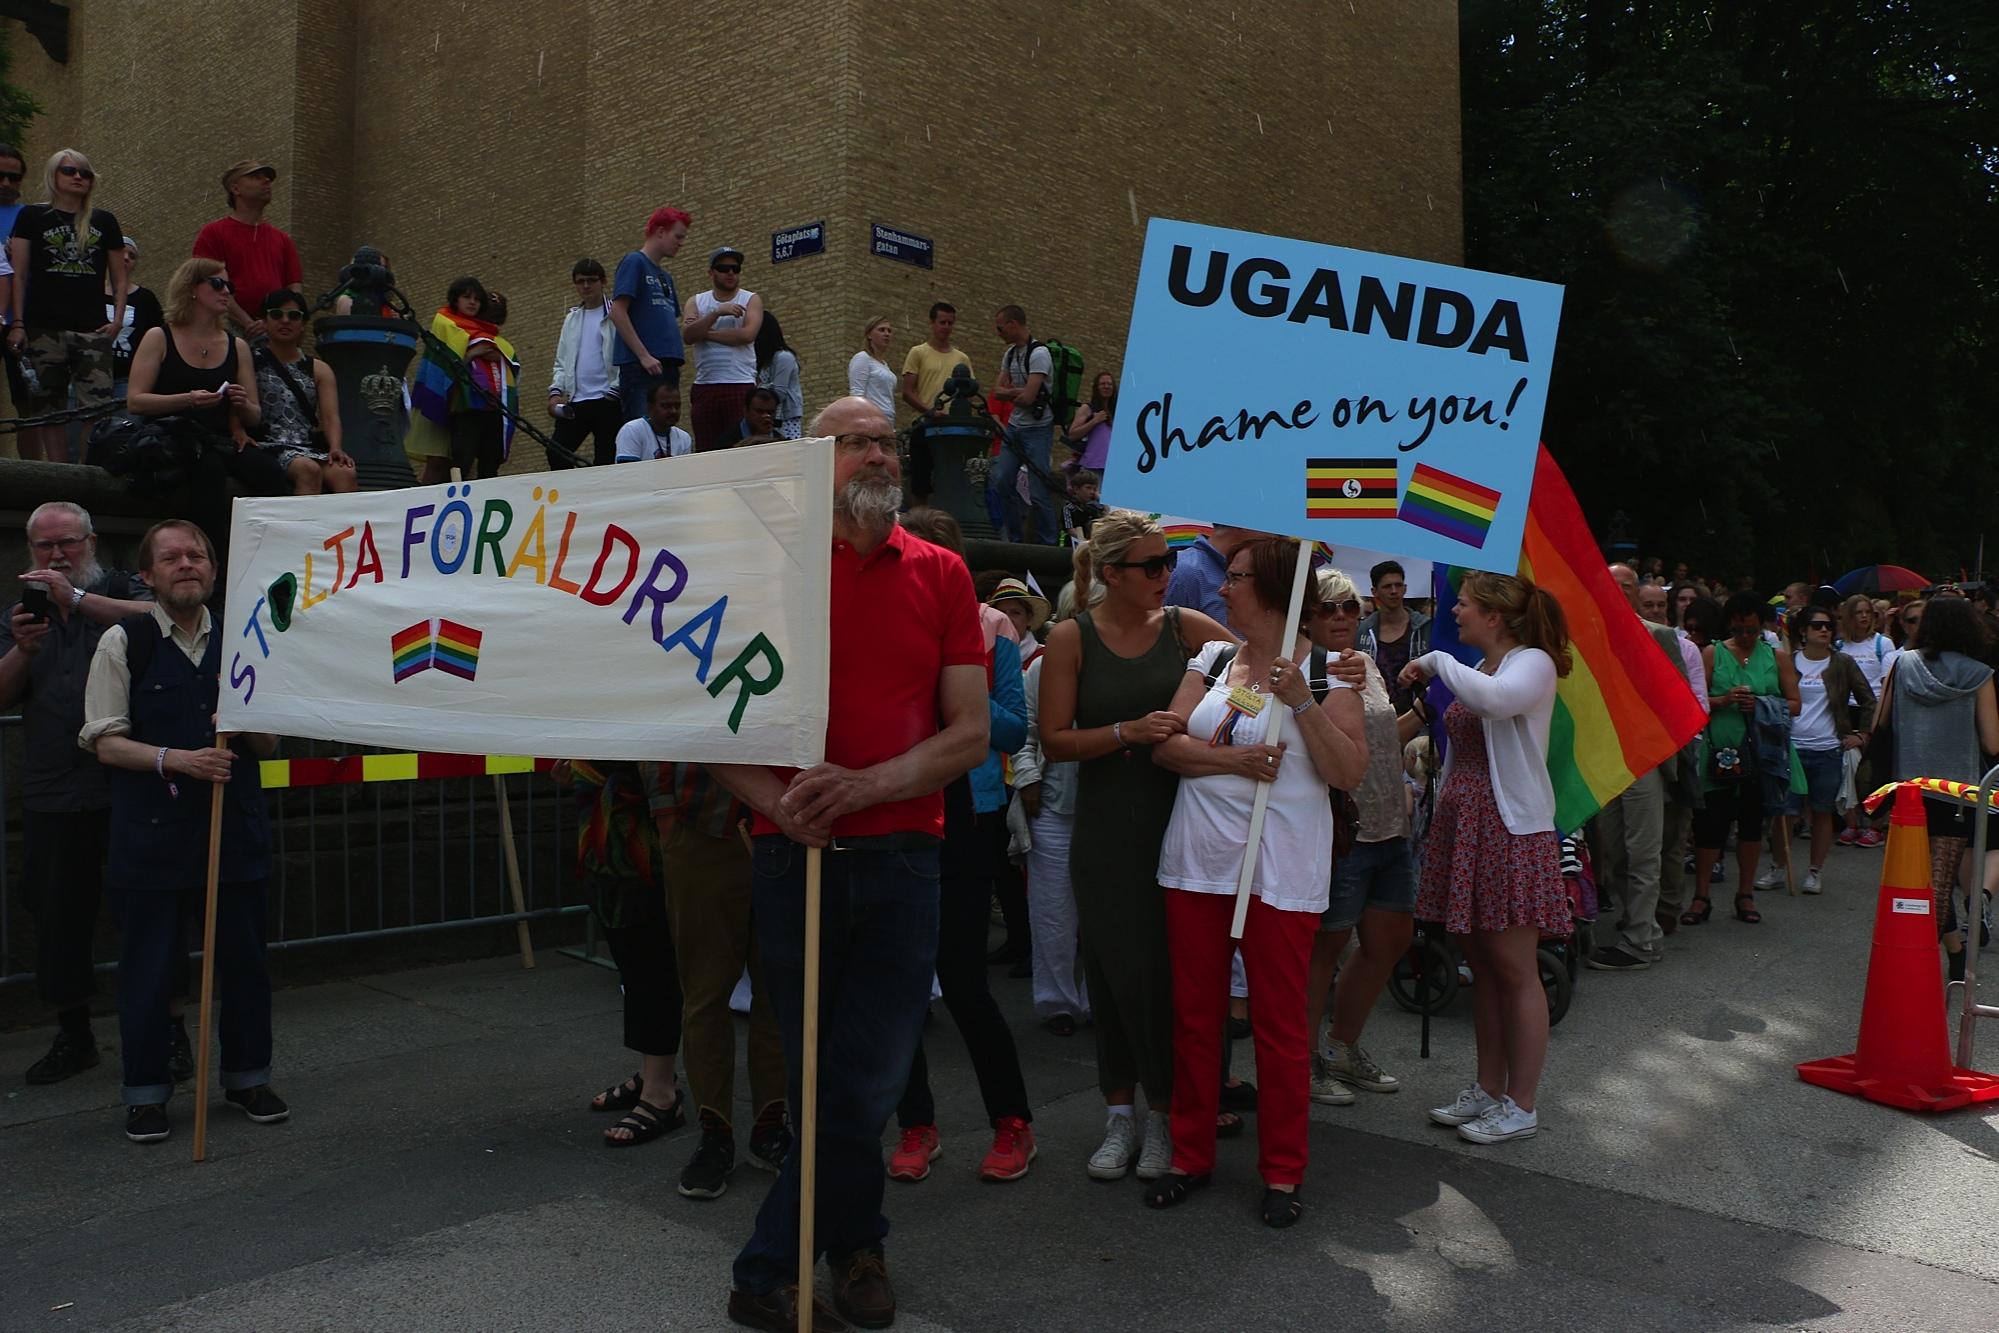 stolta föräldrar i parad med stor färgglad banderoll som det står stolta föräldara på